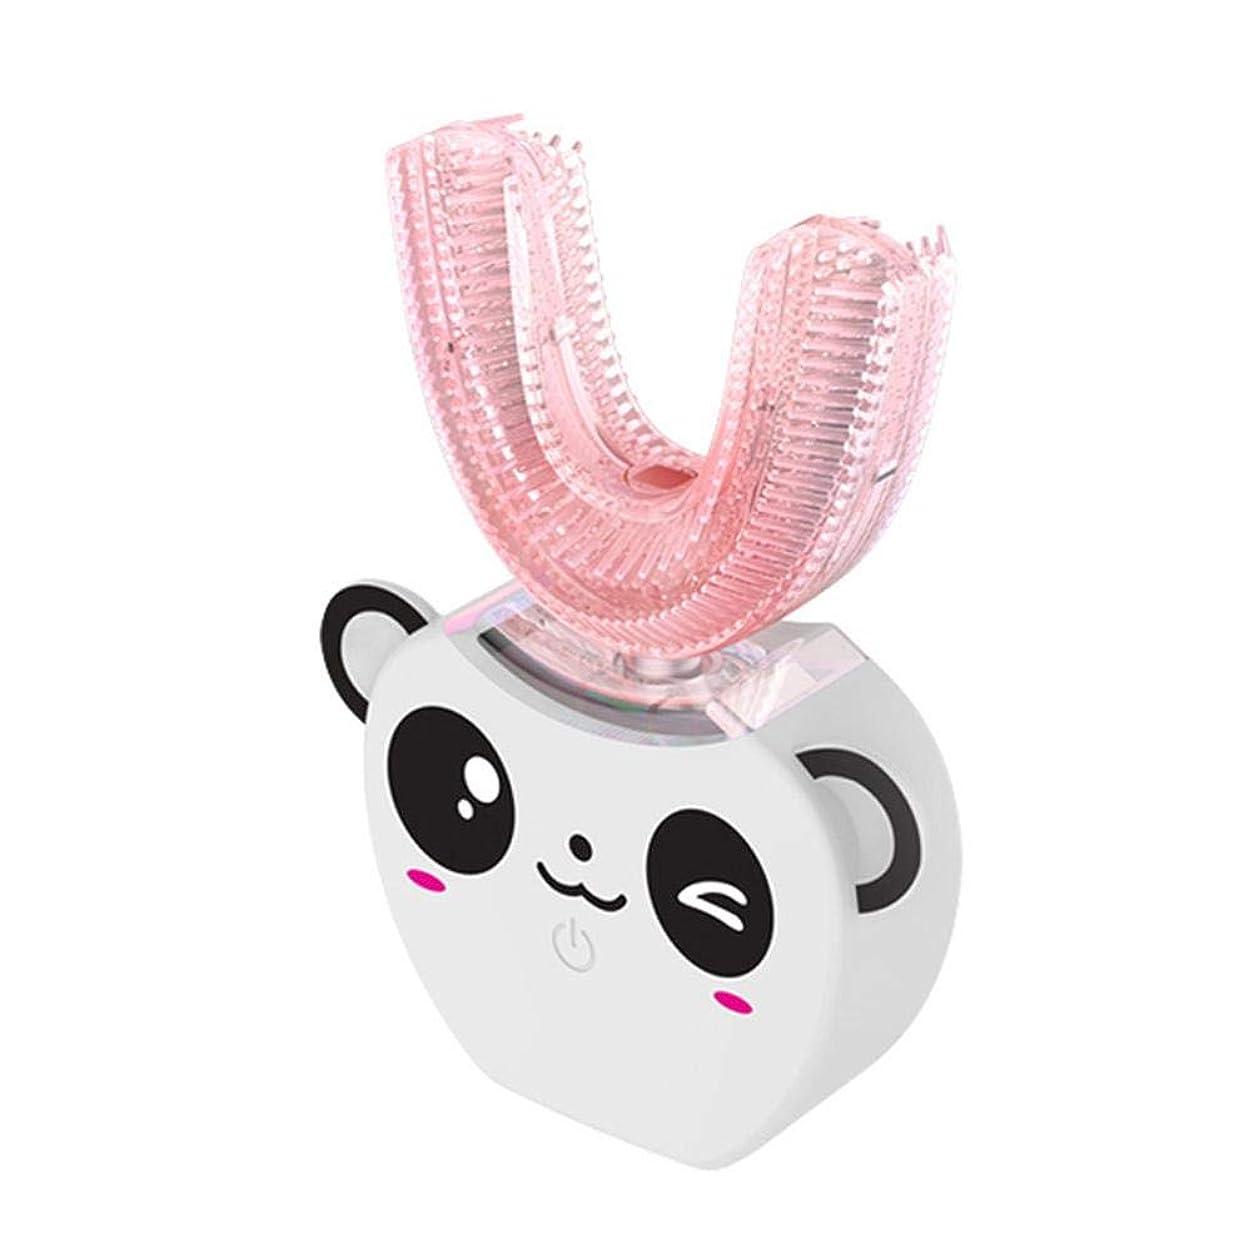 献身超高層ビル応援する電動歯ブラシ U型 360°全方位 自動歯ブラシ 柔らかいシリコーンブラシヘッド 超音波 怠け者歯ブラシ ワイヤレス充電 より深い清掃 虫歯予防 かわいいデザイン 子供用